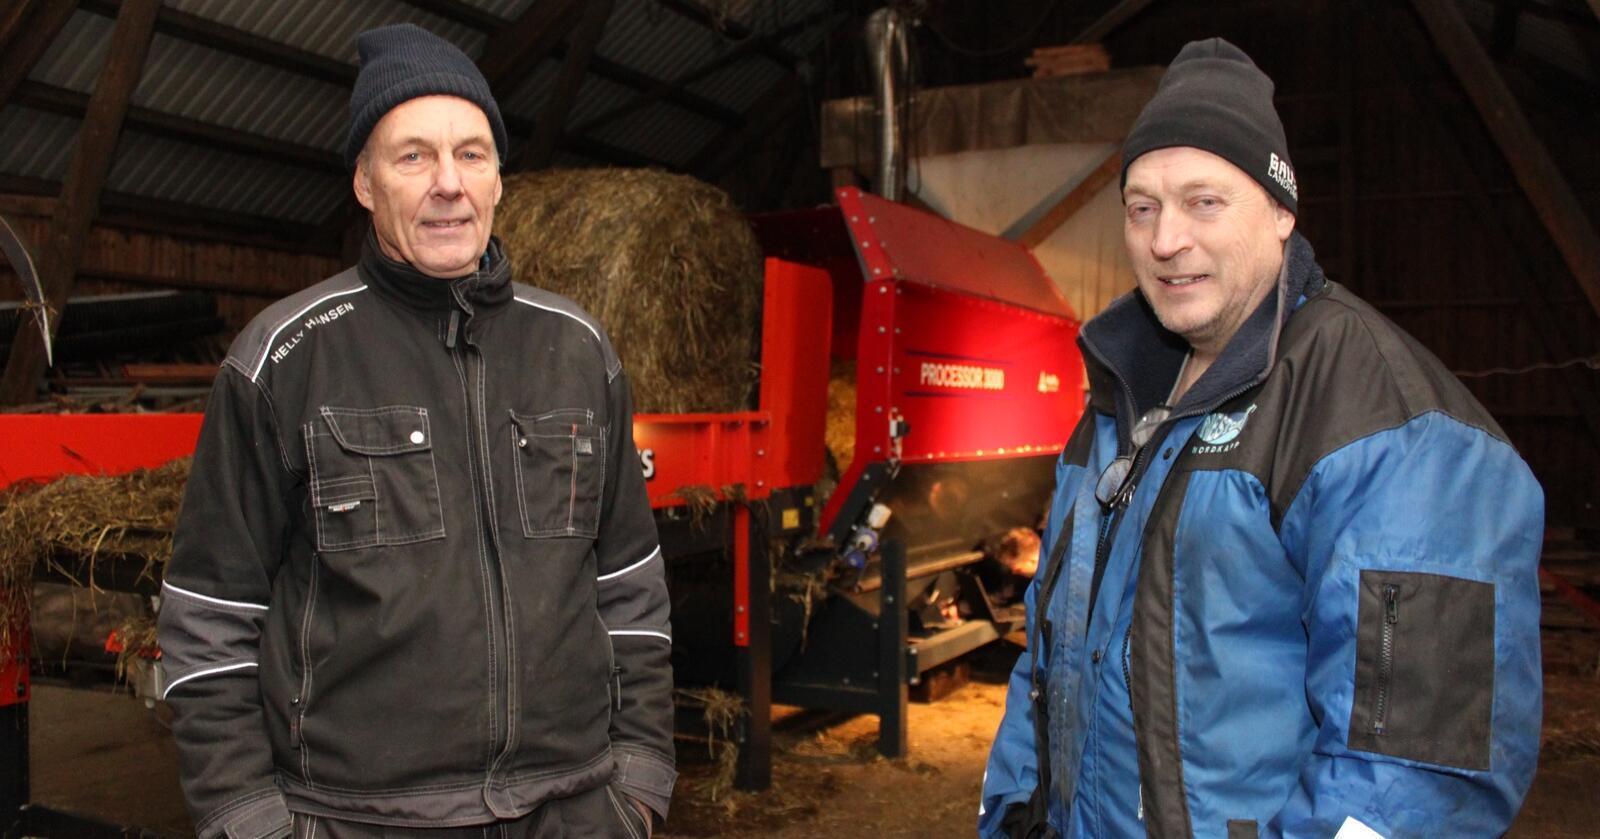 SOLGT: Hans Kråbøl (t.v.) og Rune Heggen har solgt fôrmikseren HaRu Processor 3000 til TKS Agri. Arkivfoto: Norsk Landbruk